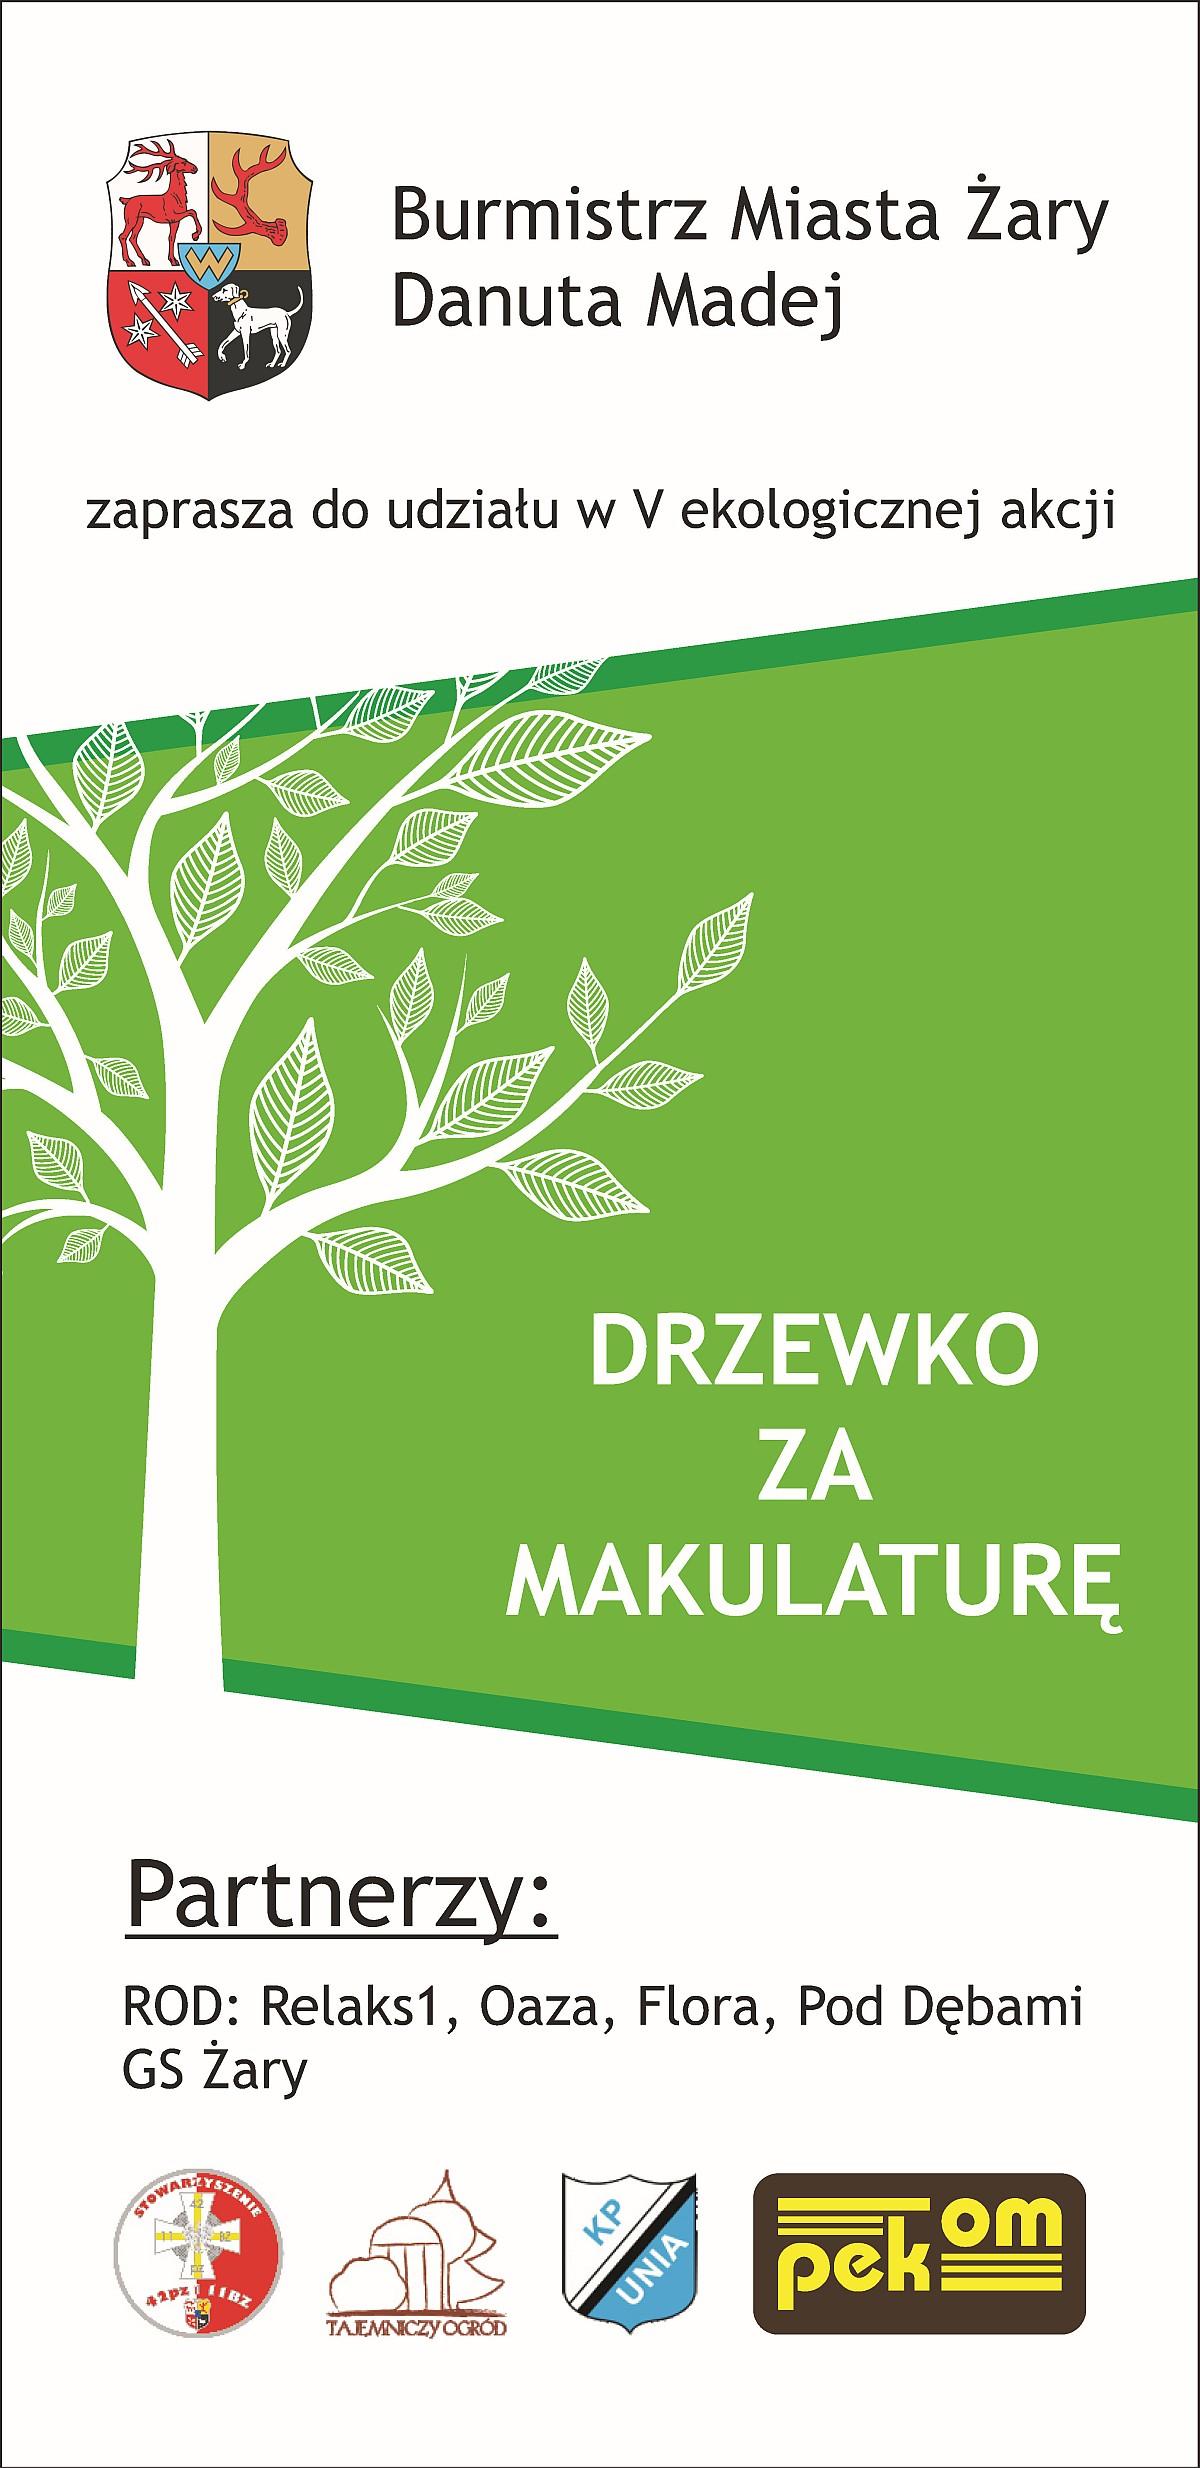 Ilustracja do informacji: Drzewko za makulaturę